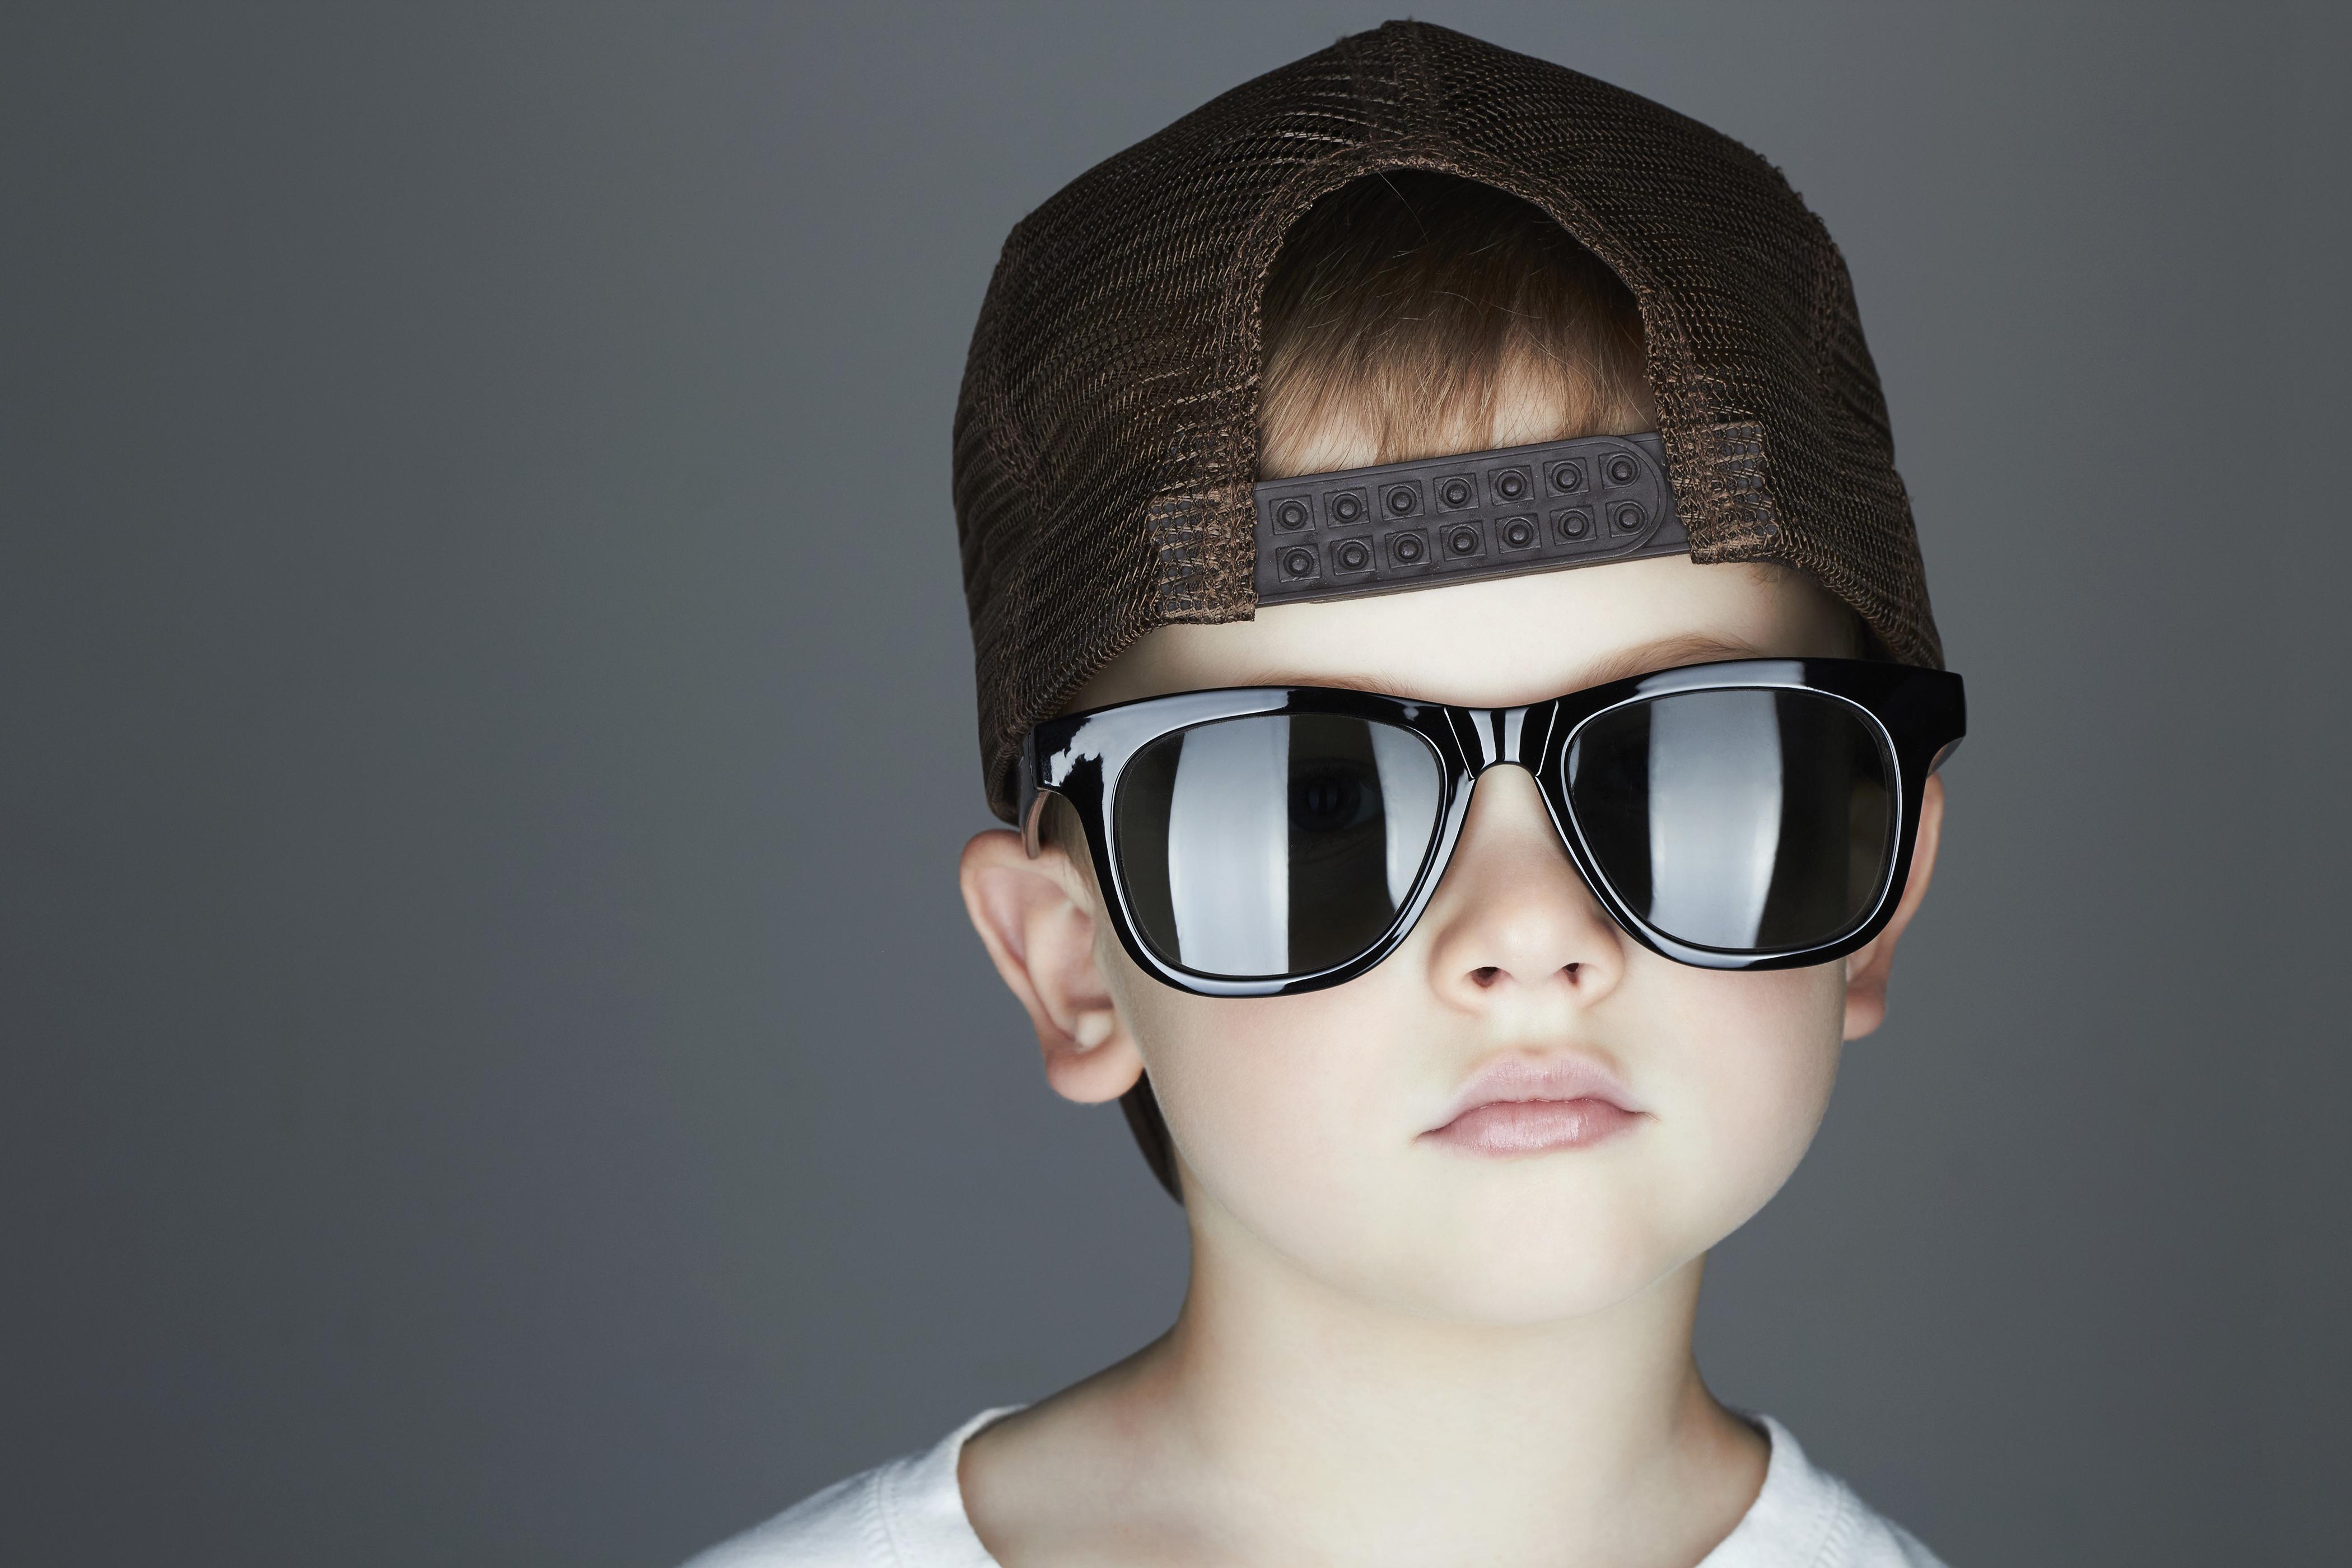 Ποια ειναι τα σωστα γυαλια ηλιου για τα παιδια;<